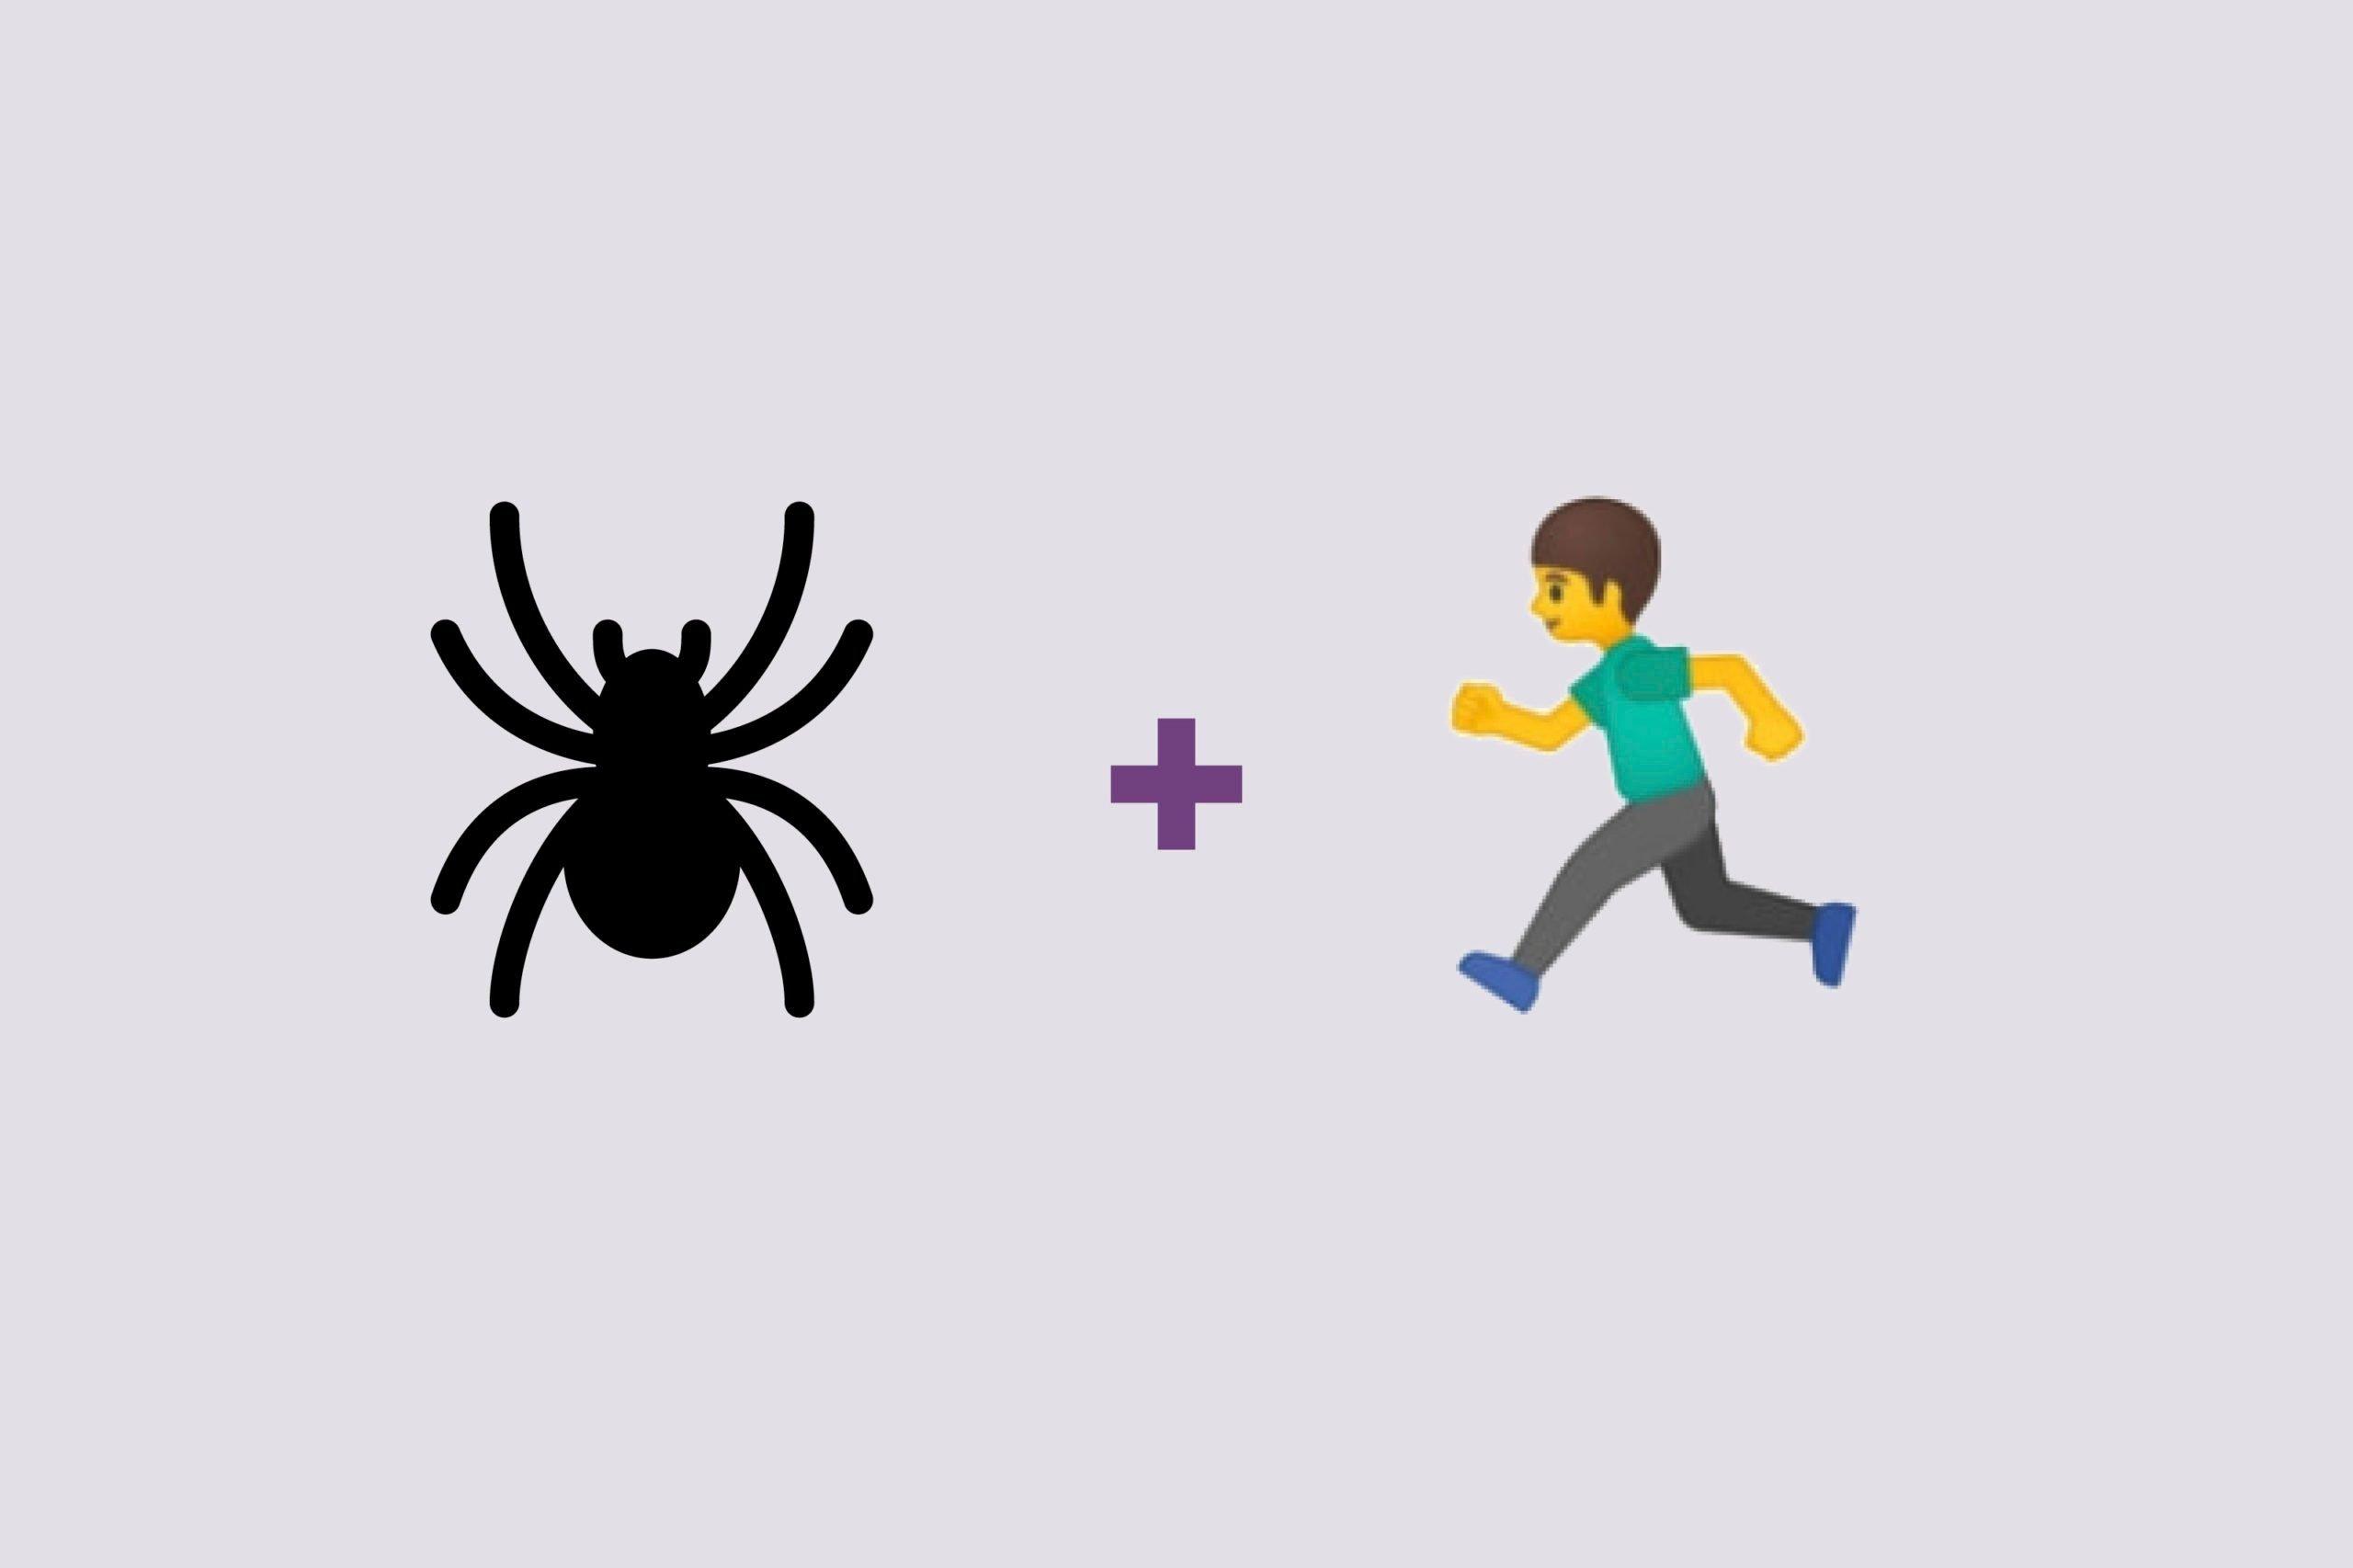 Spider emoji + man emoji